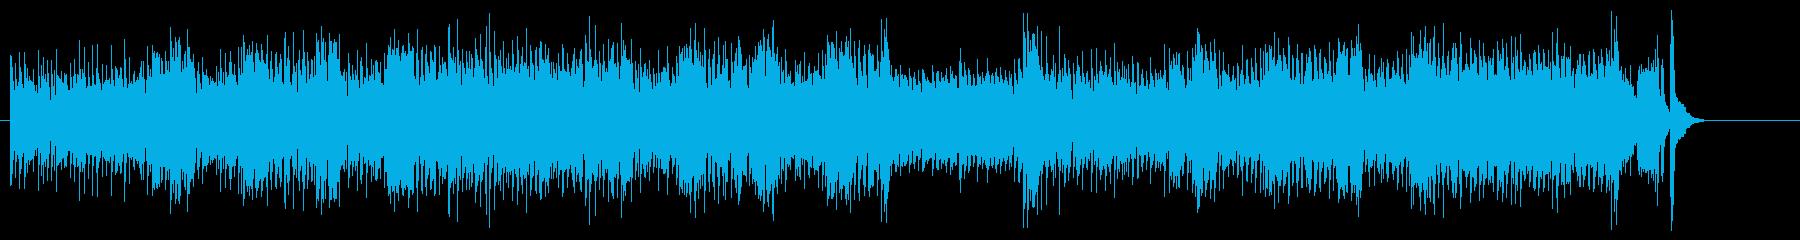 都会派フィーリングのジャズ/フュージョンの再生済みの波形